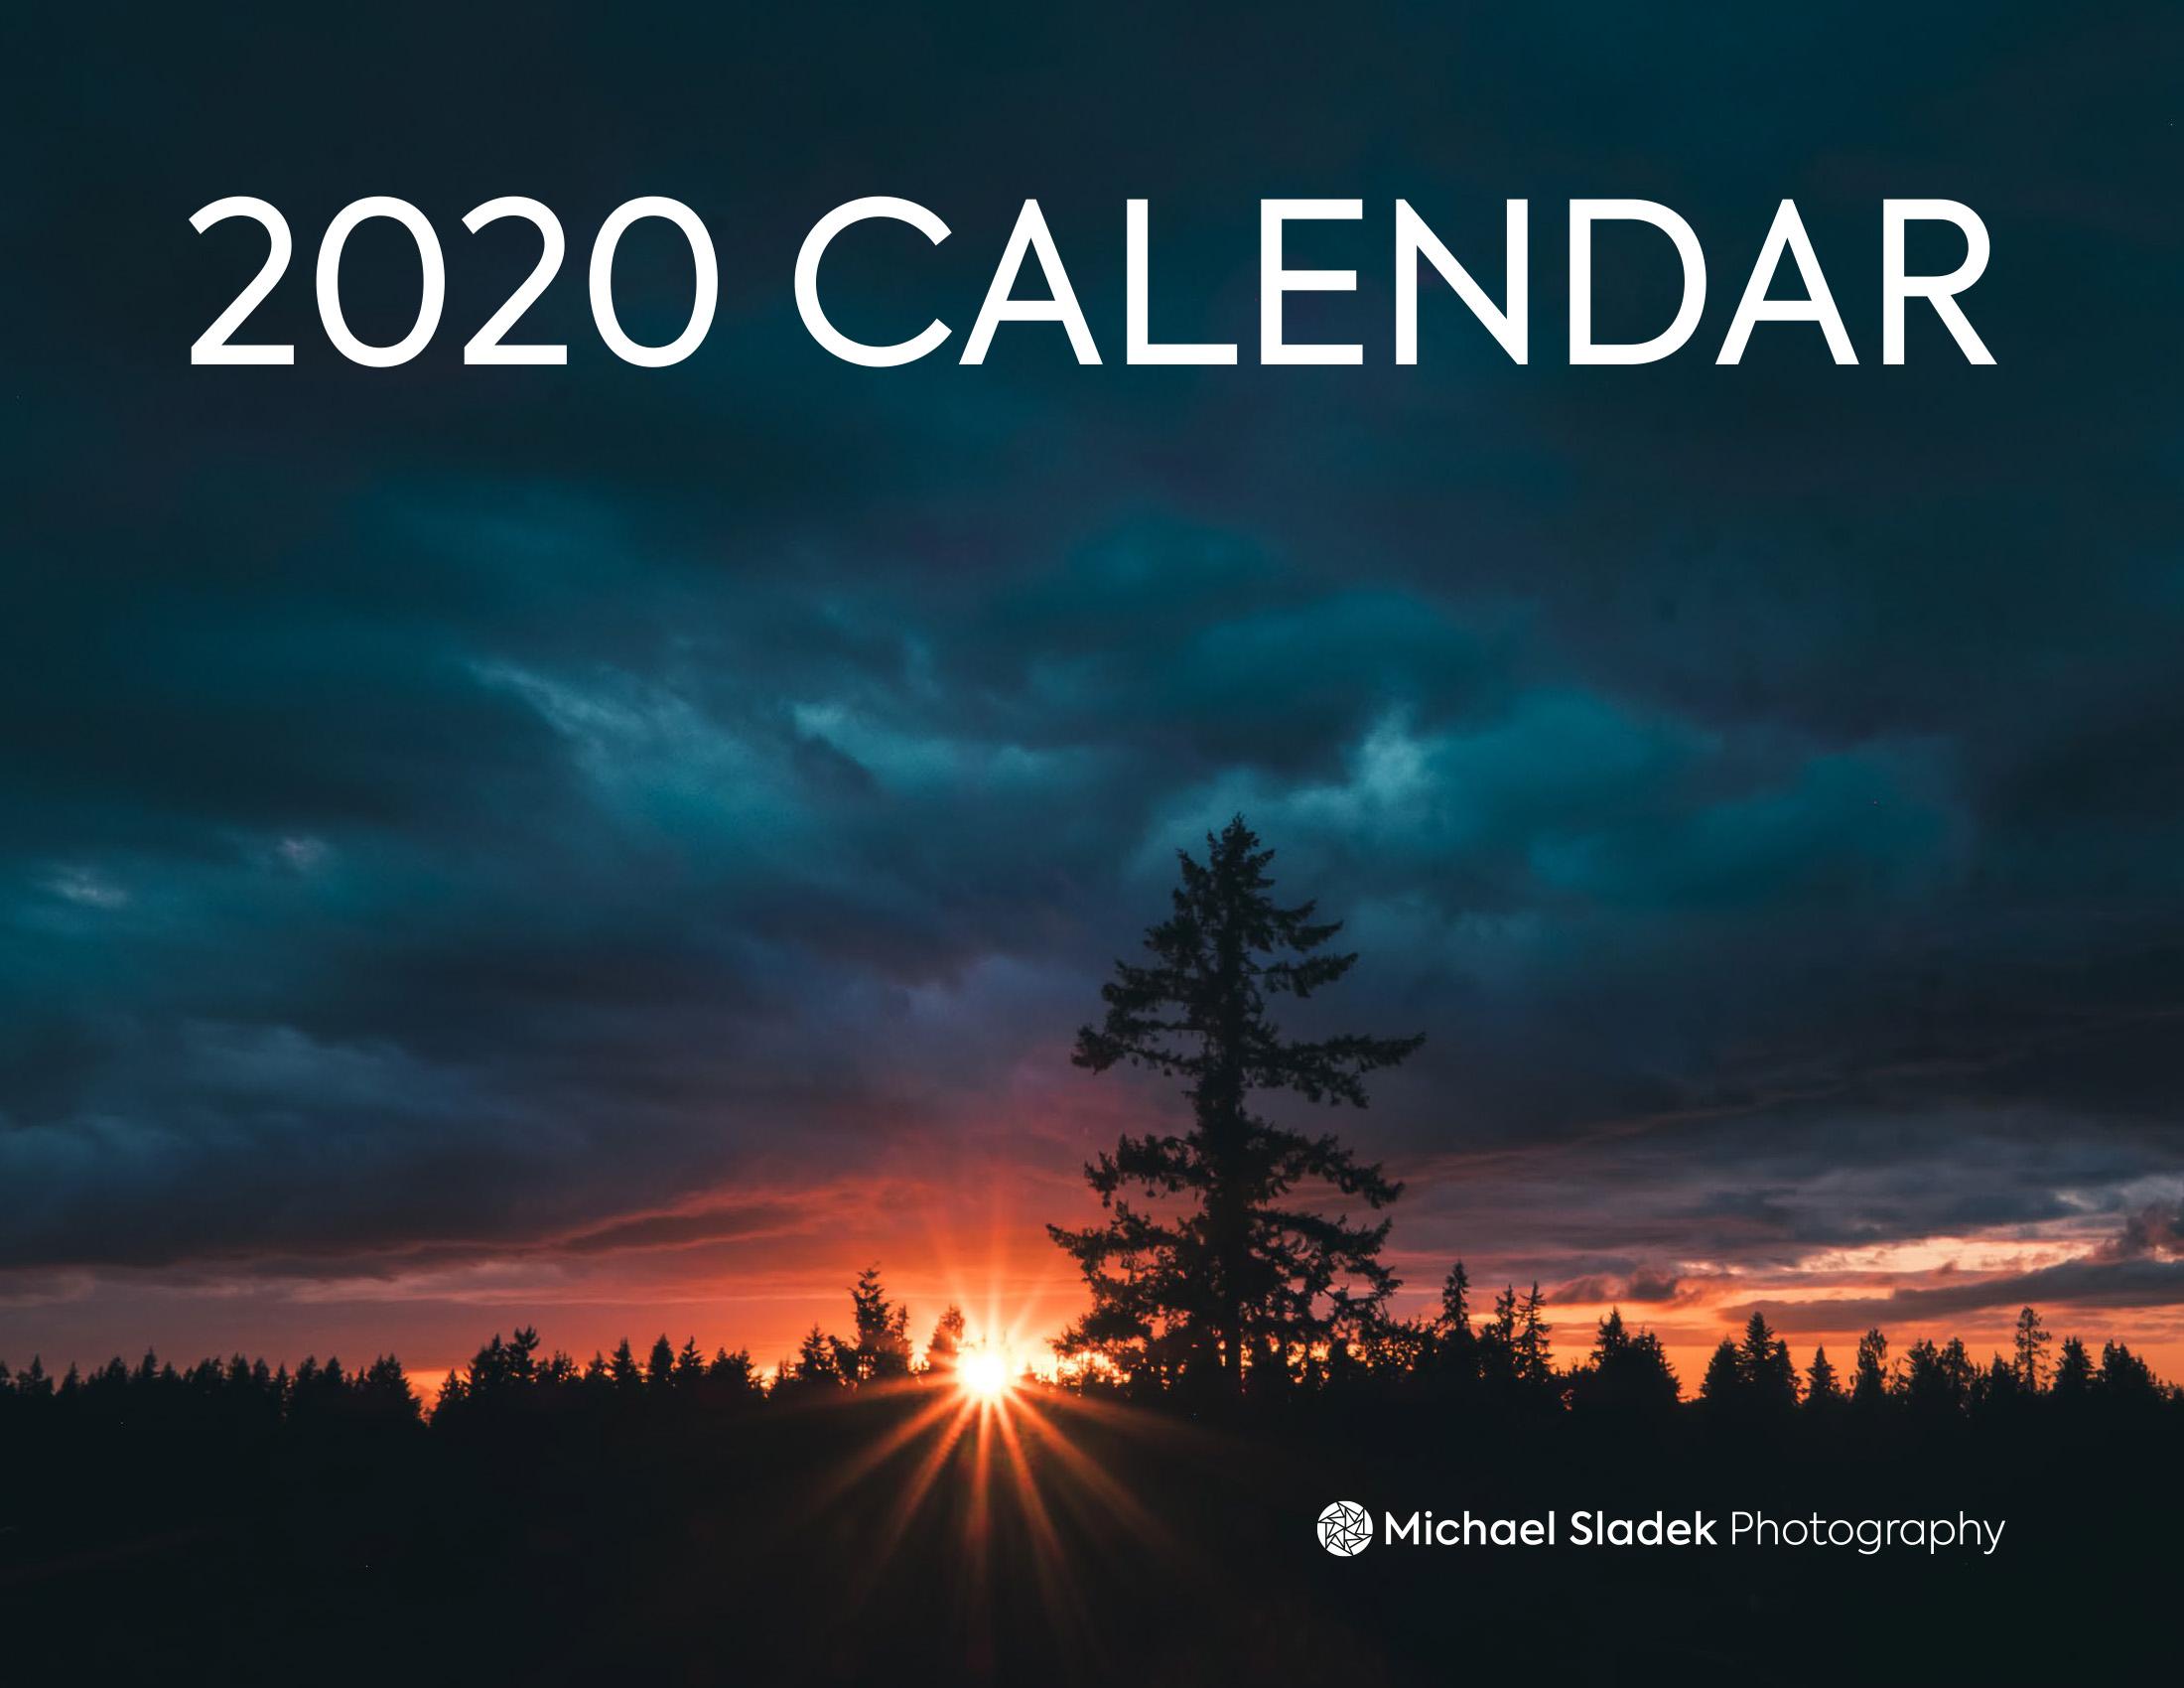 2020 Calendar 00 Cover.jpg